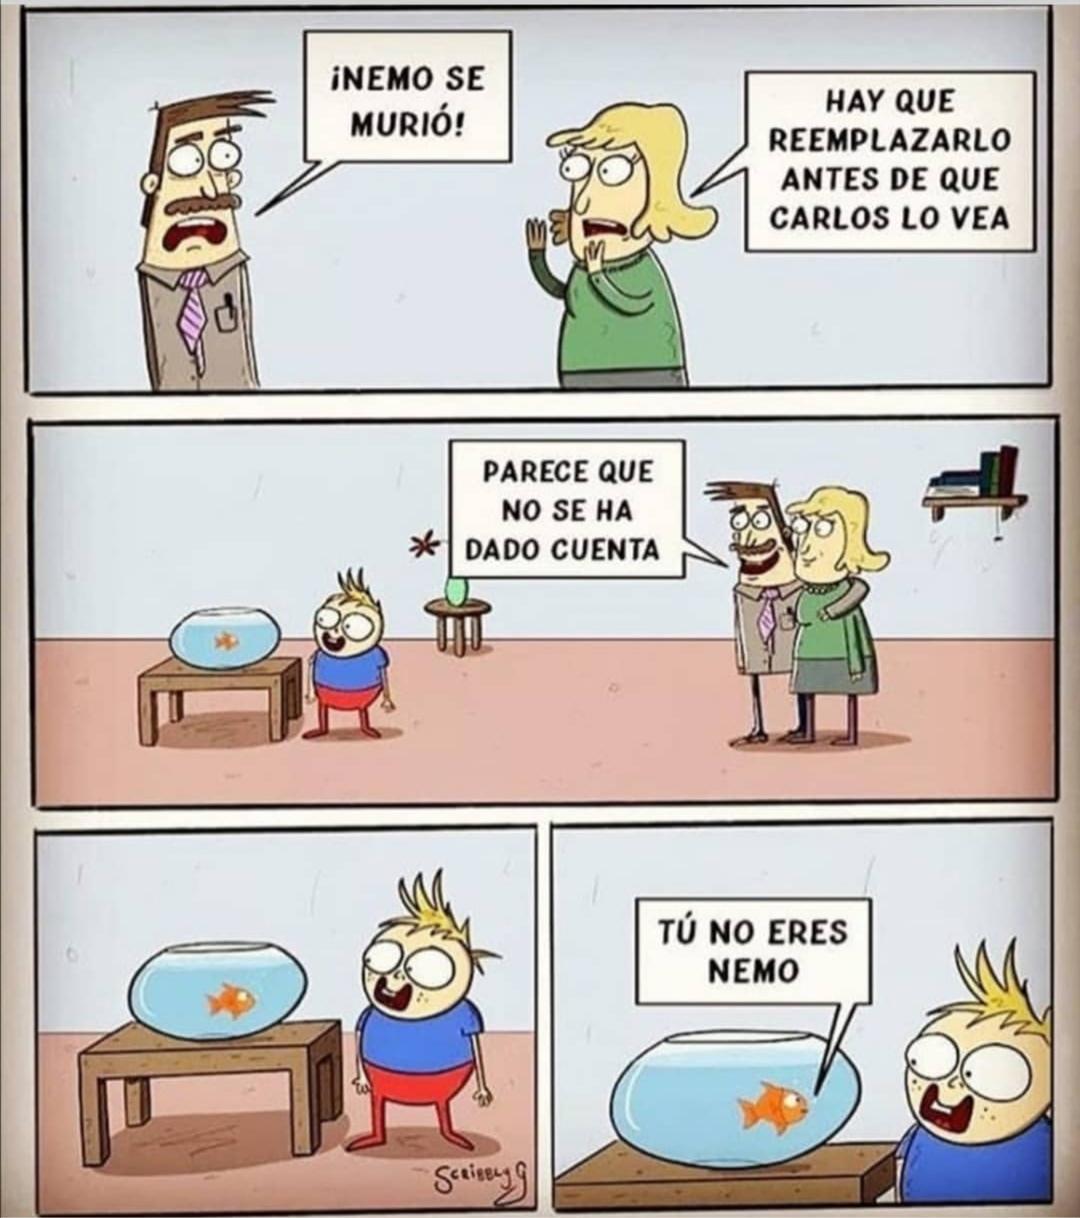 Nemo :( - meme